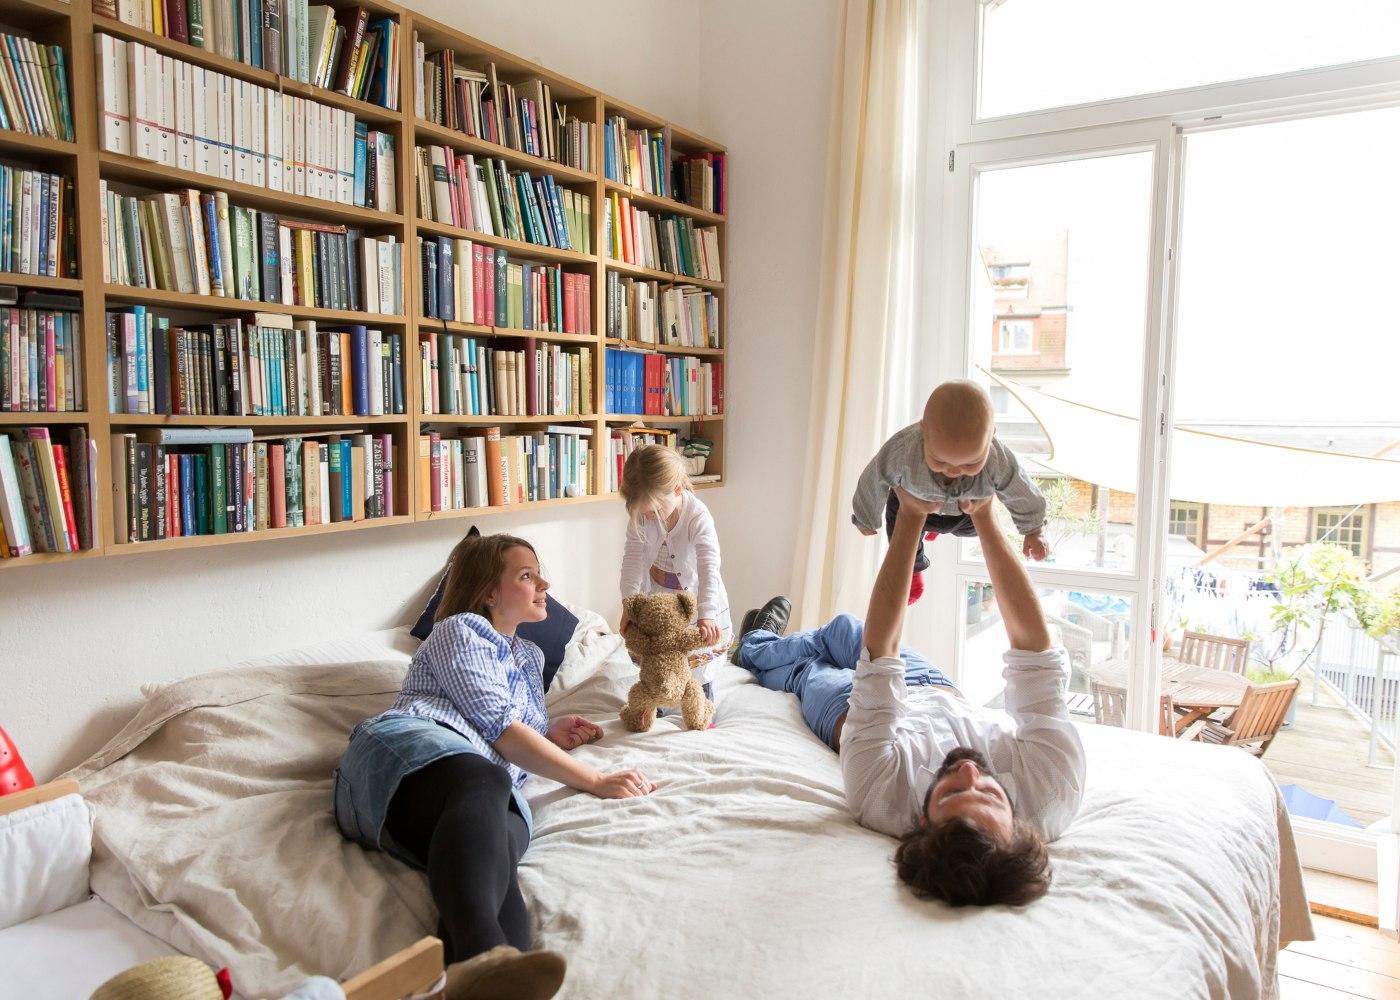 família divertida no quarto